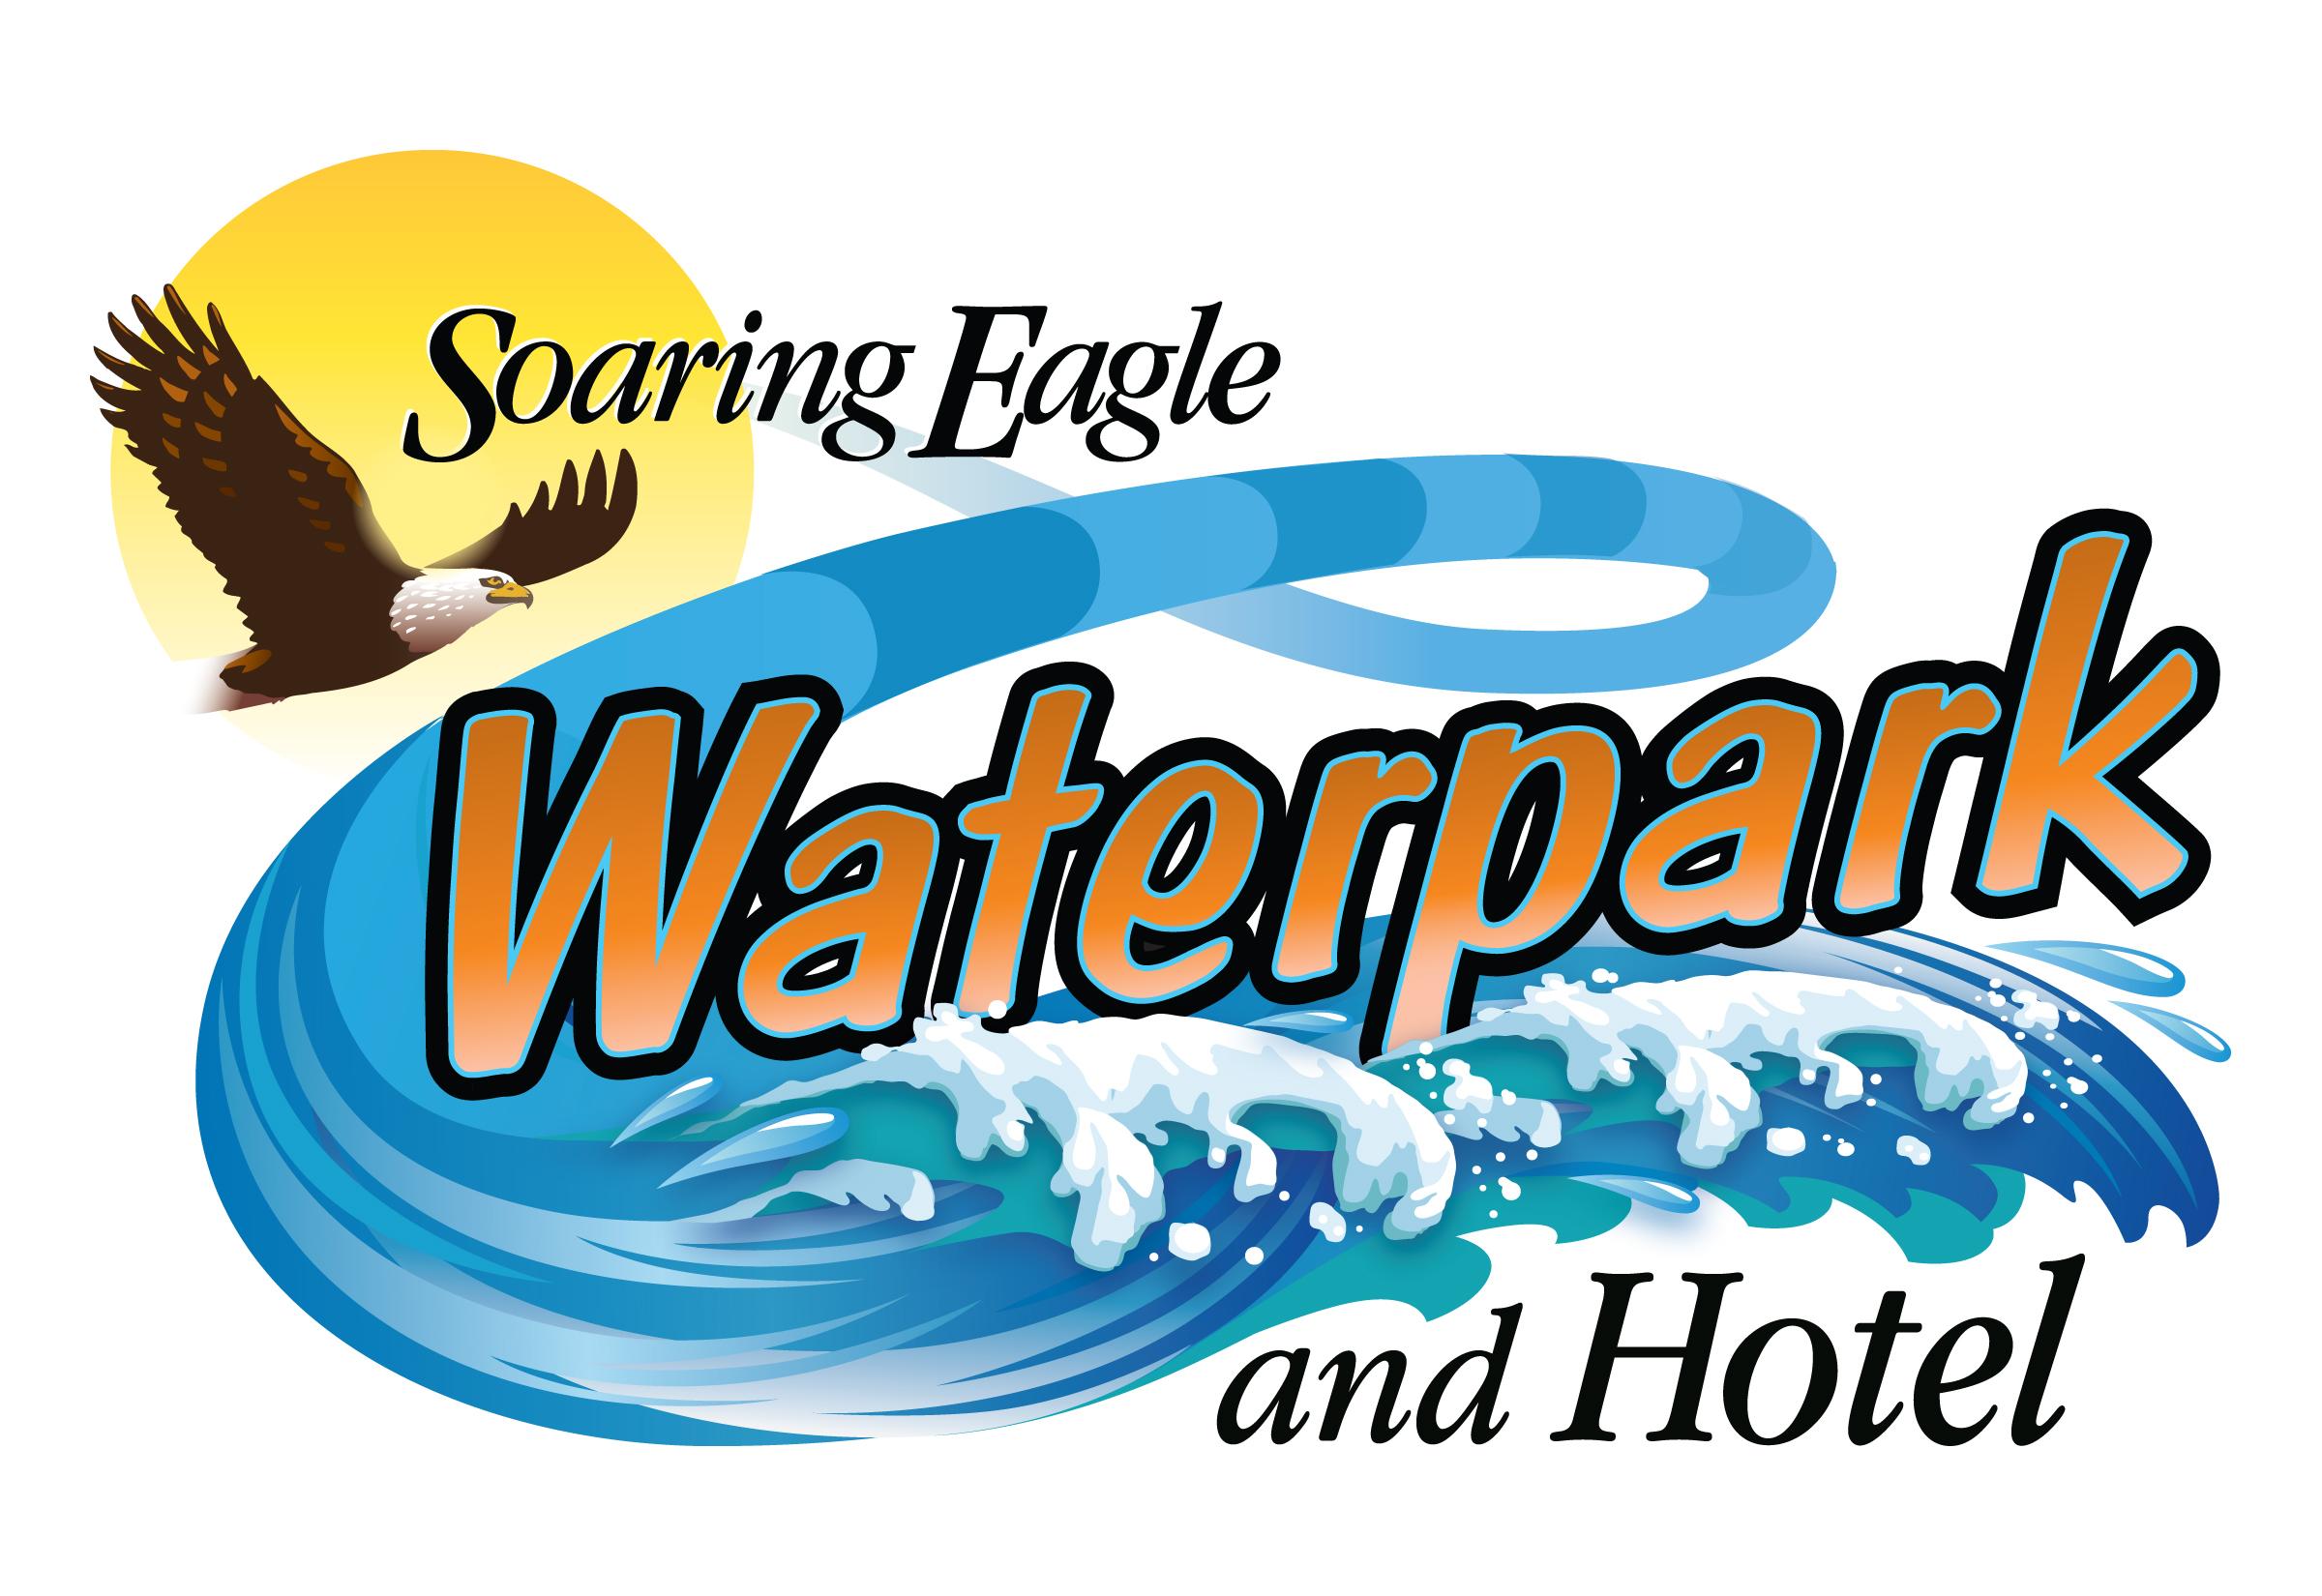 Soaring Eagle Waterpark & Hotel - Migizi EDC